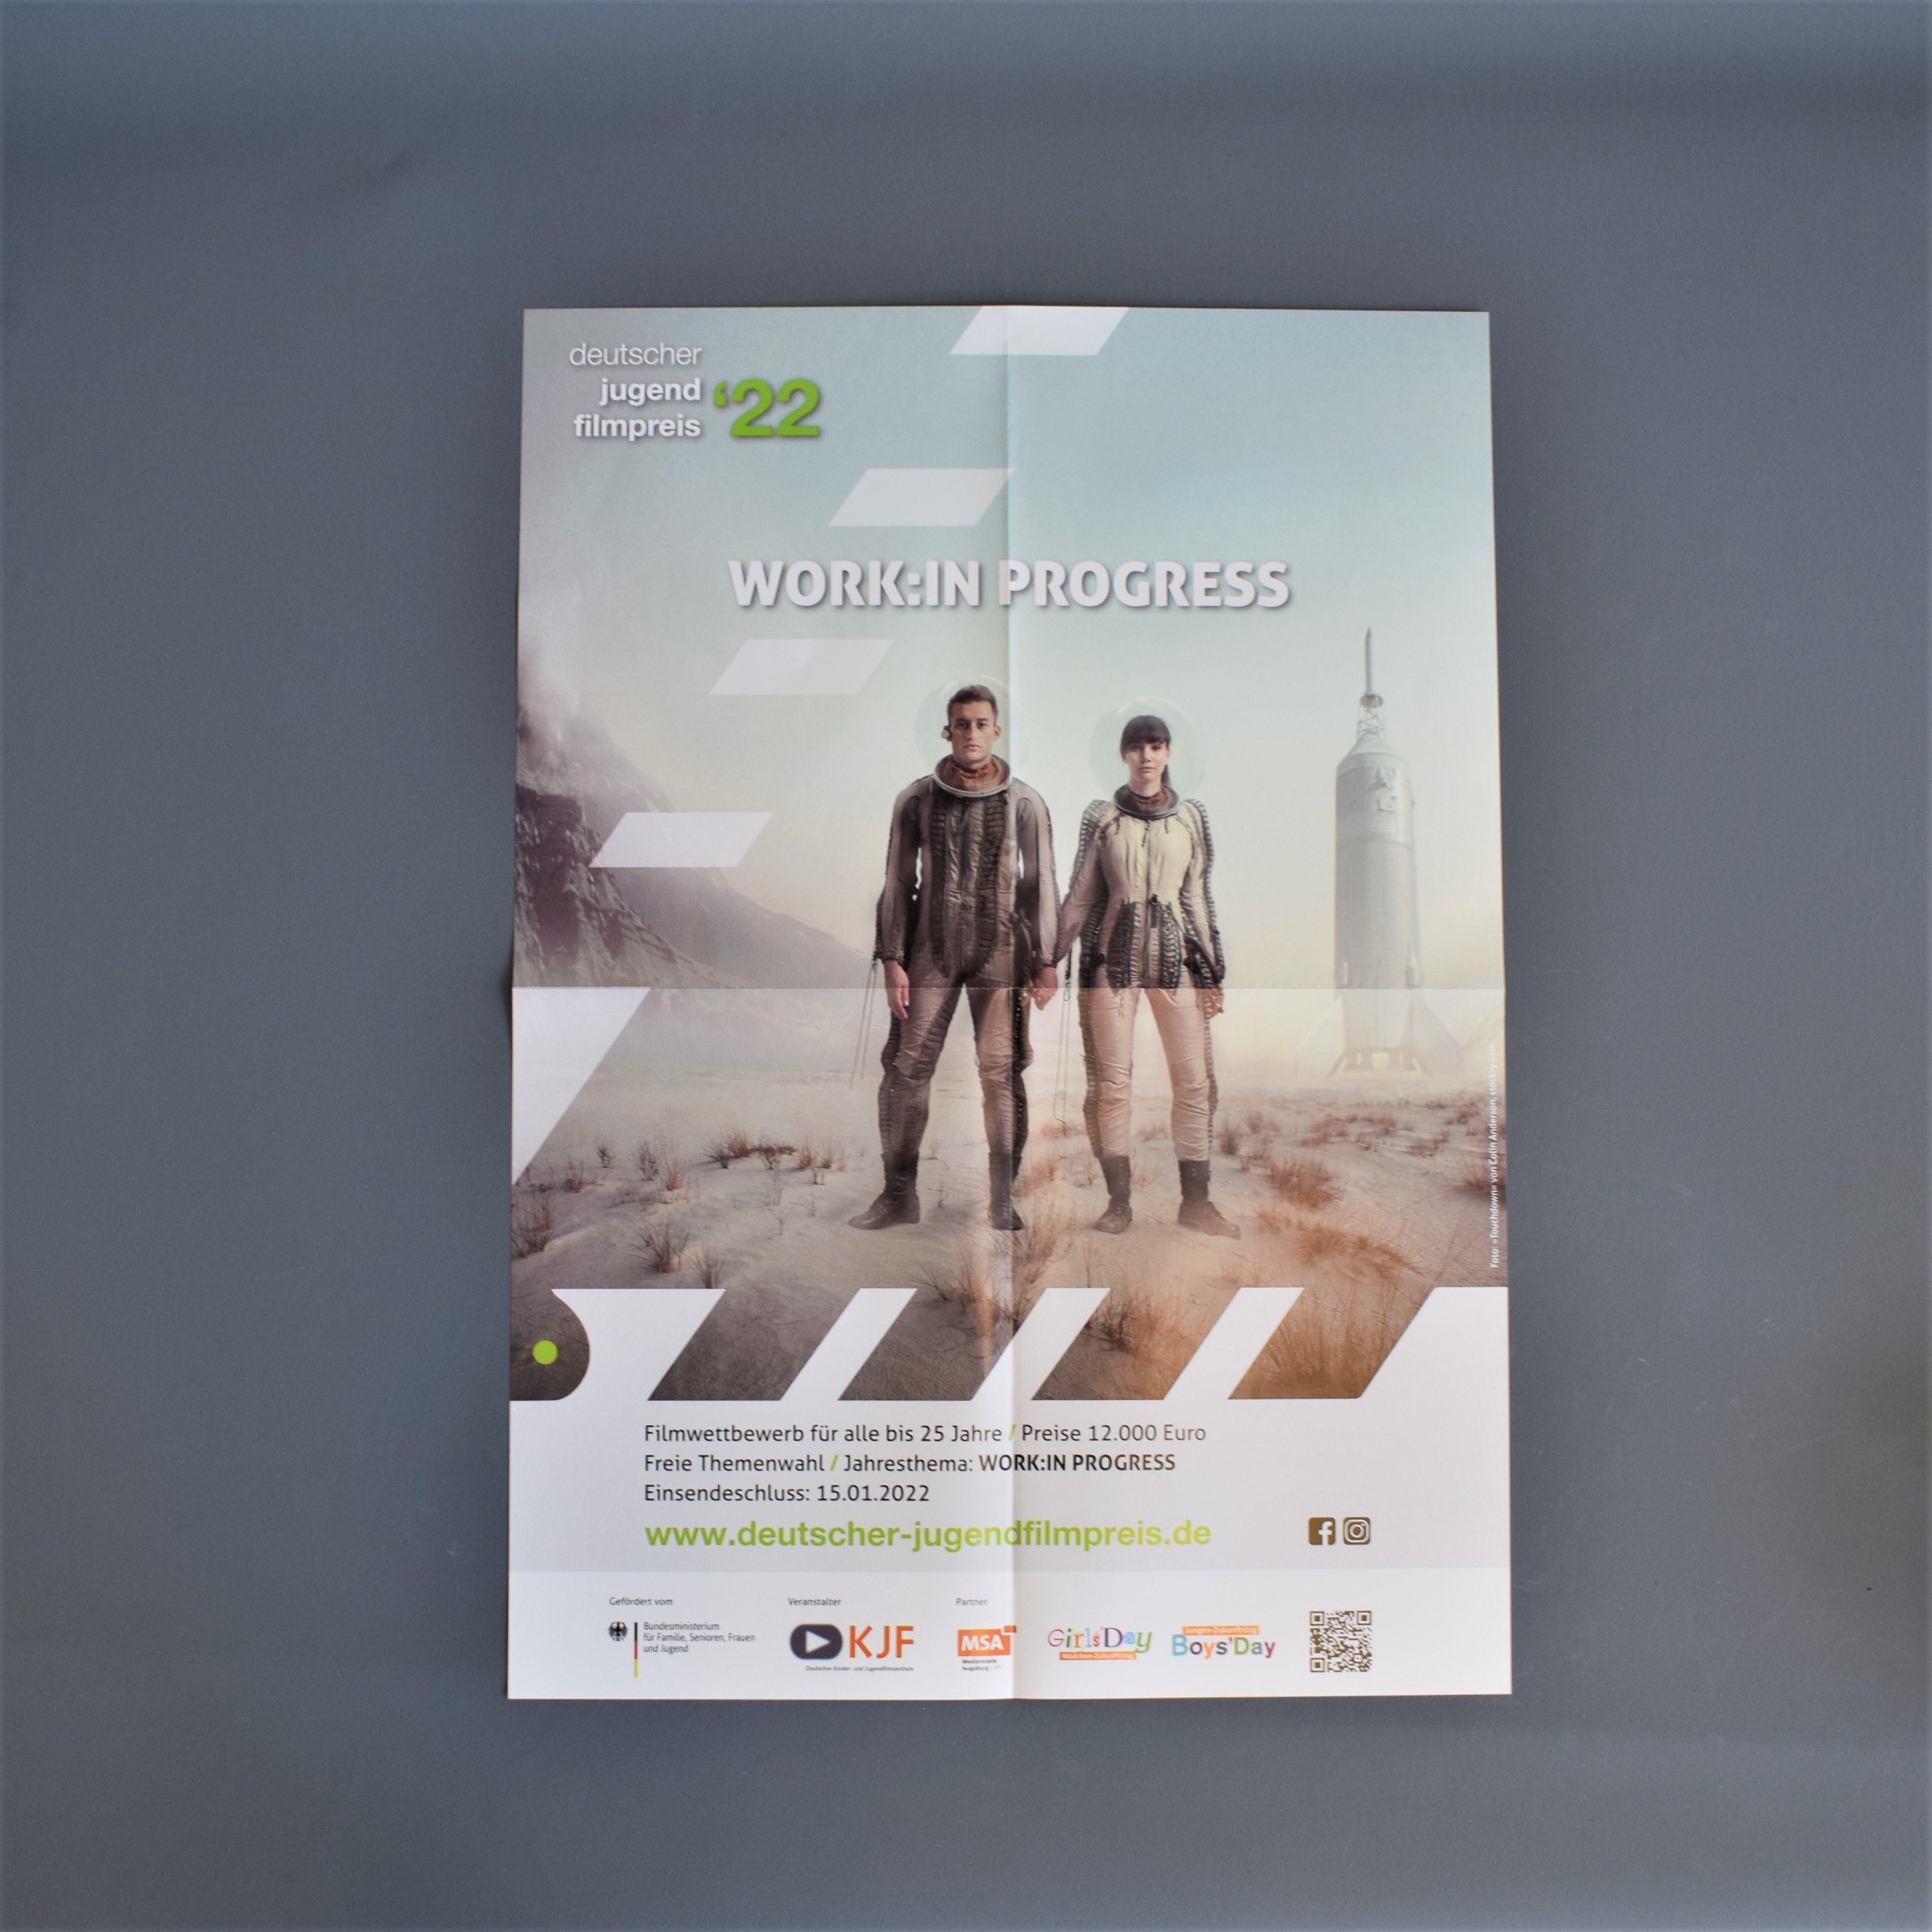 Ausschreibungsplakat zum Deutschen Jugendfilmpreis 2022: Work:in Progress